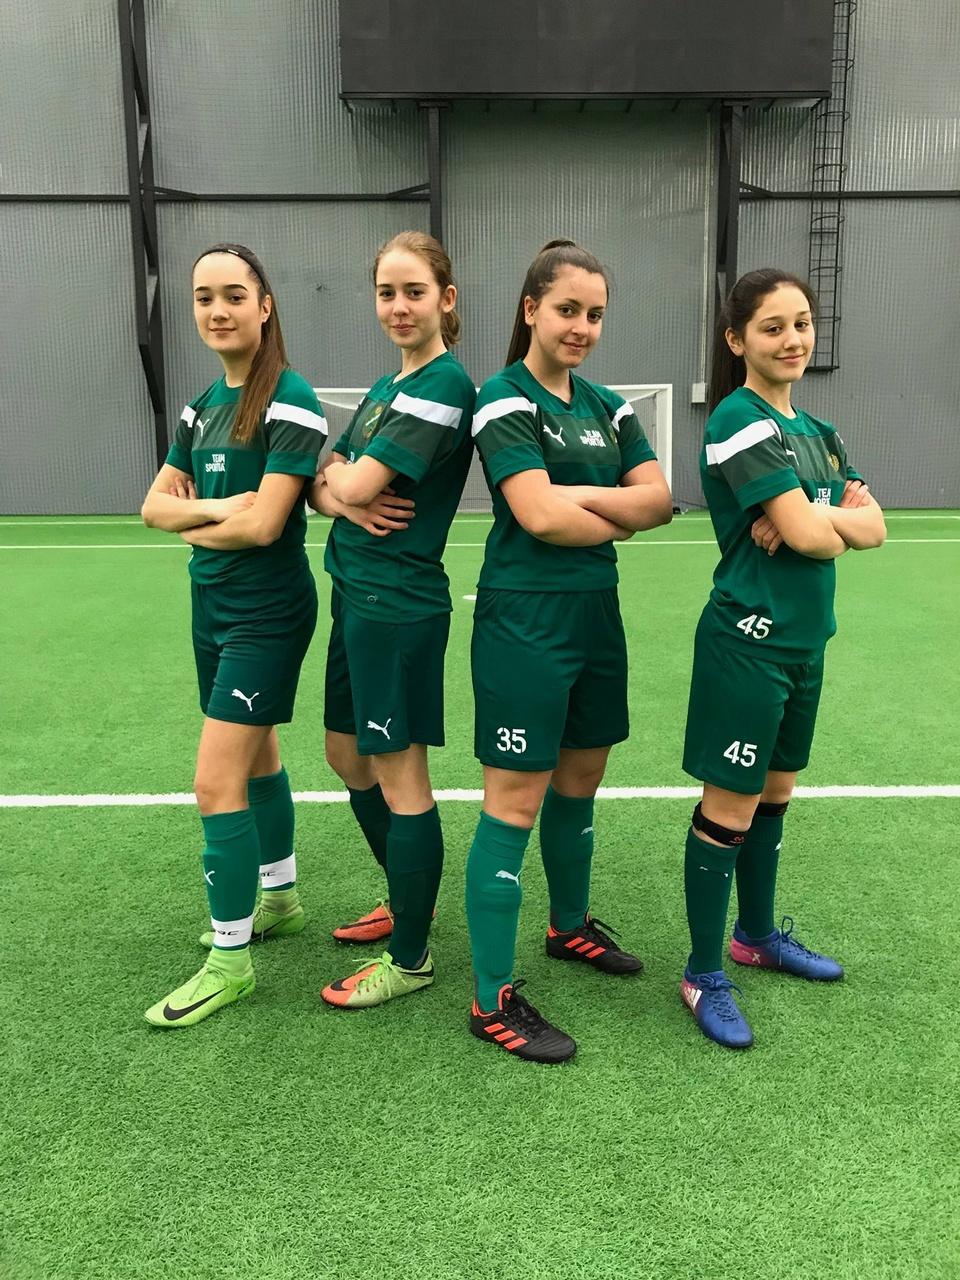 Vi välkomnar dessa fyra 03 tjejer som också kommer från laget under  damlaget och ... ff266f1252a8d